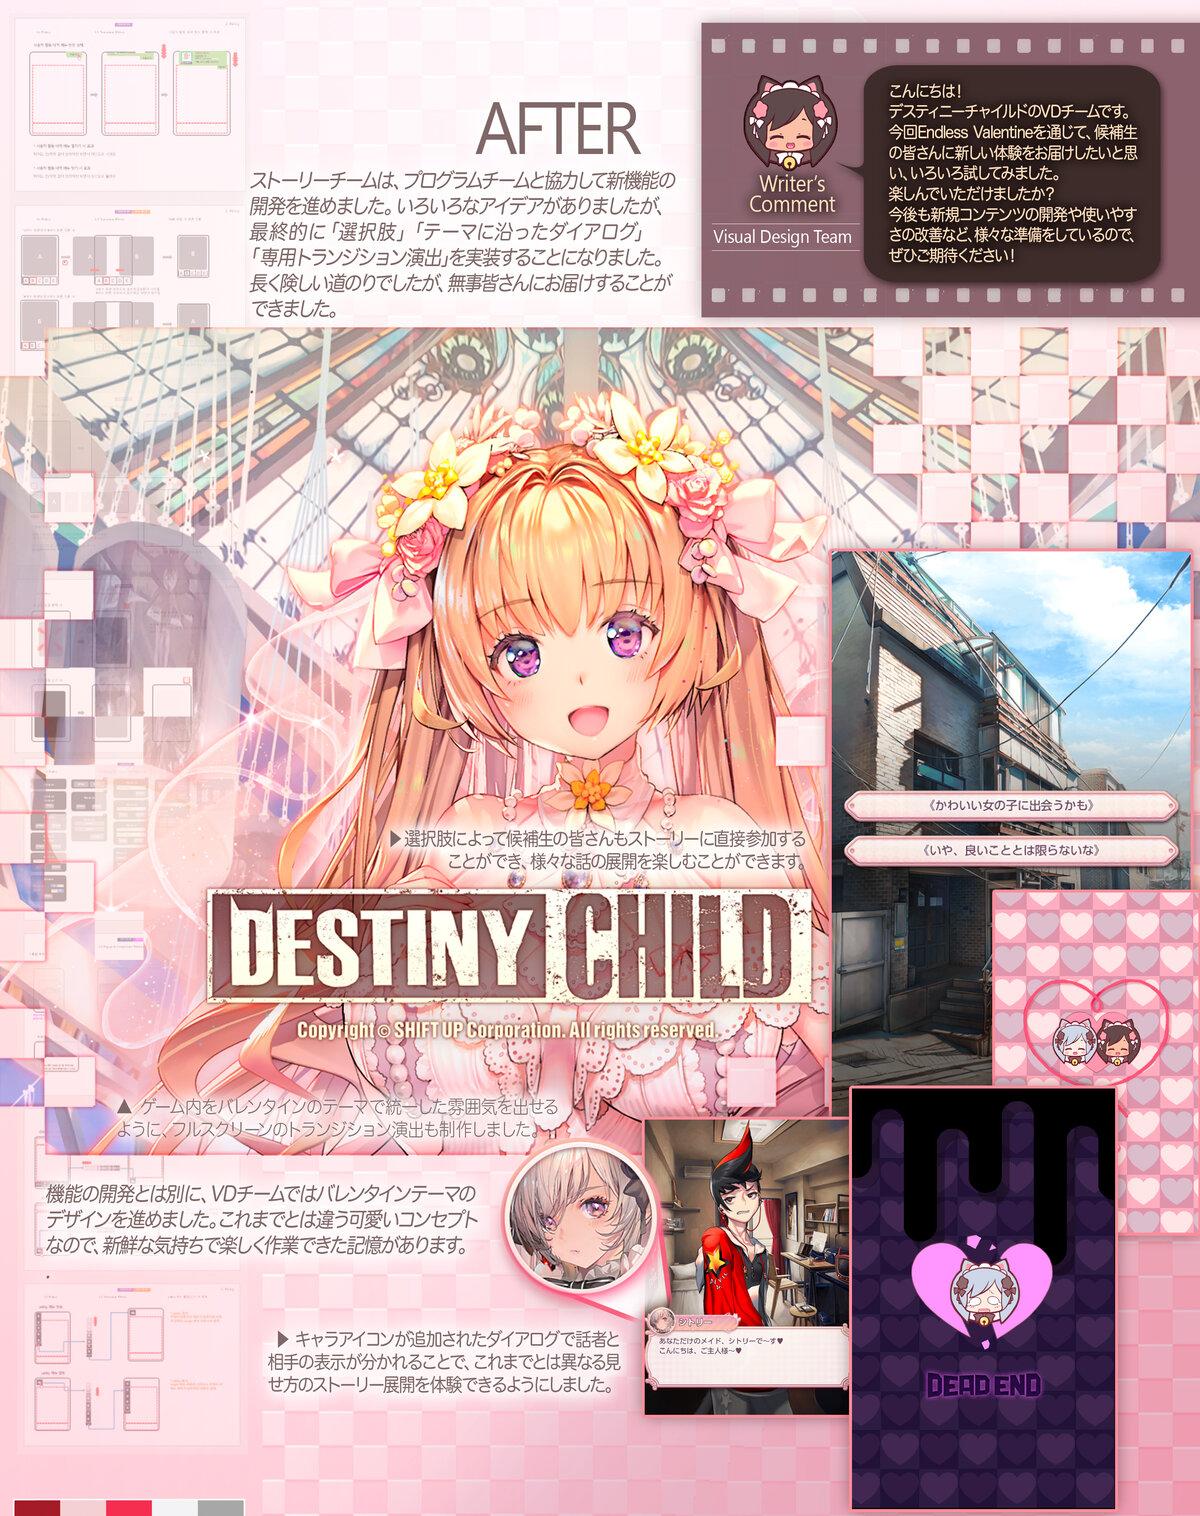 RB_17_VD_jp_02